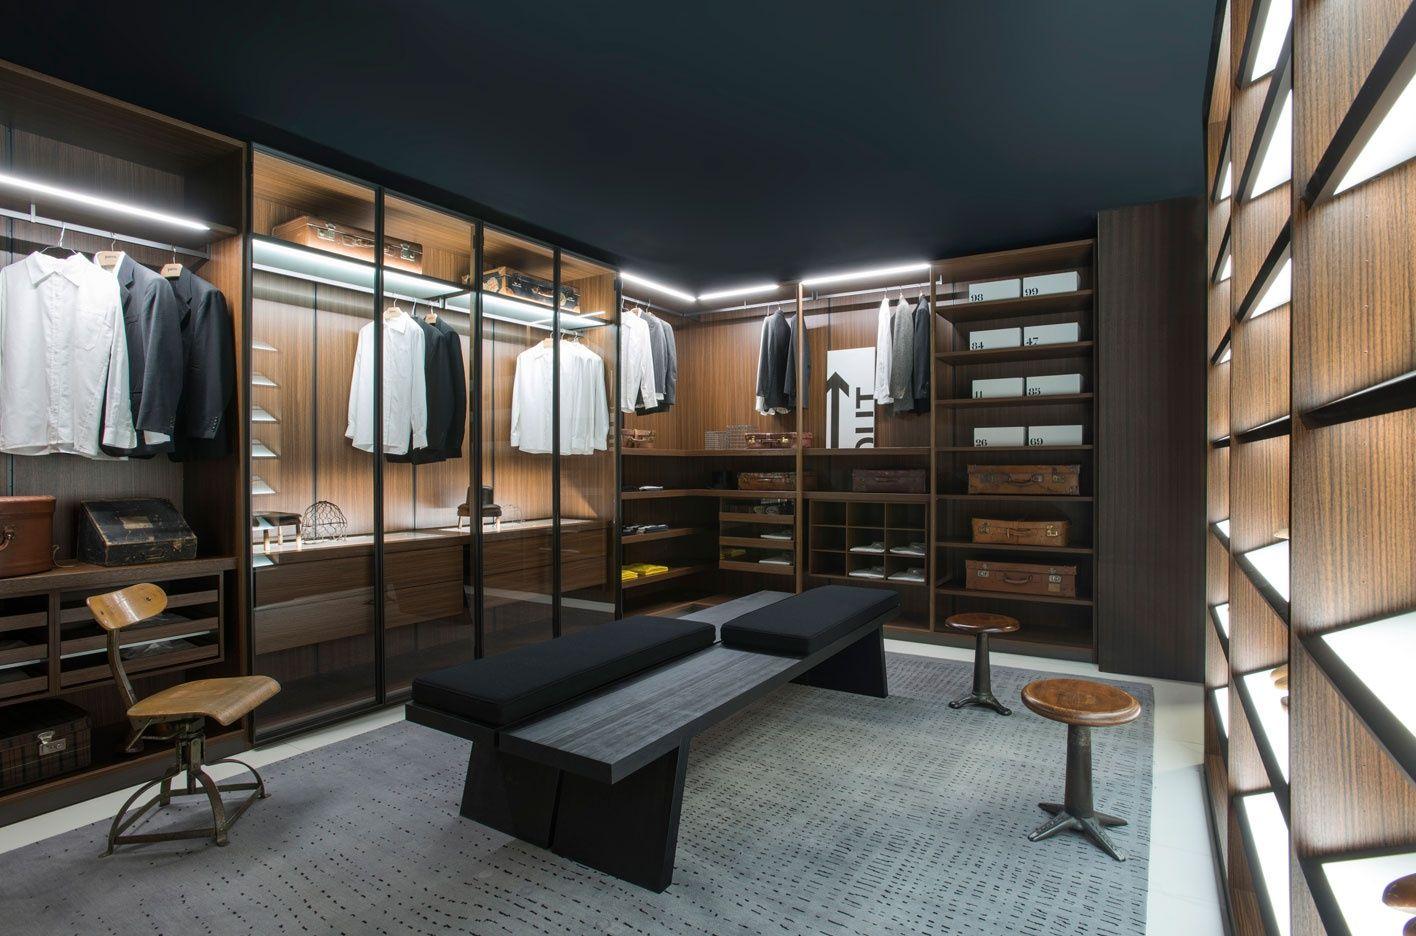 Porro dressing room interieurdesign interieur wonen storage